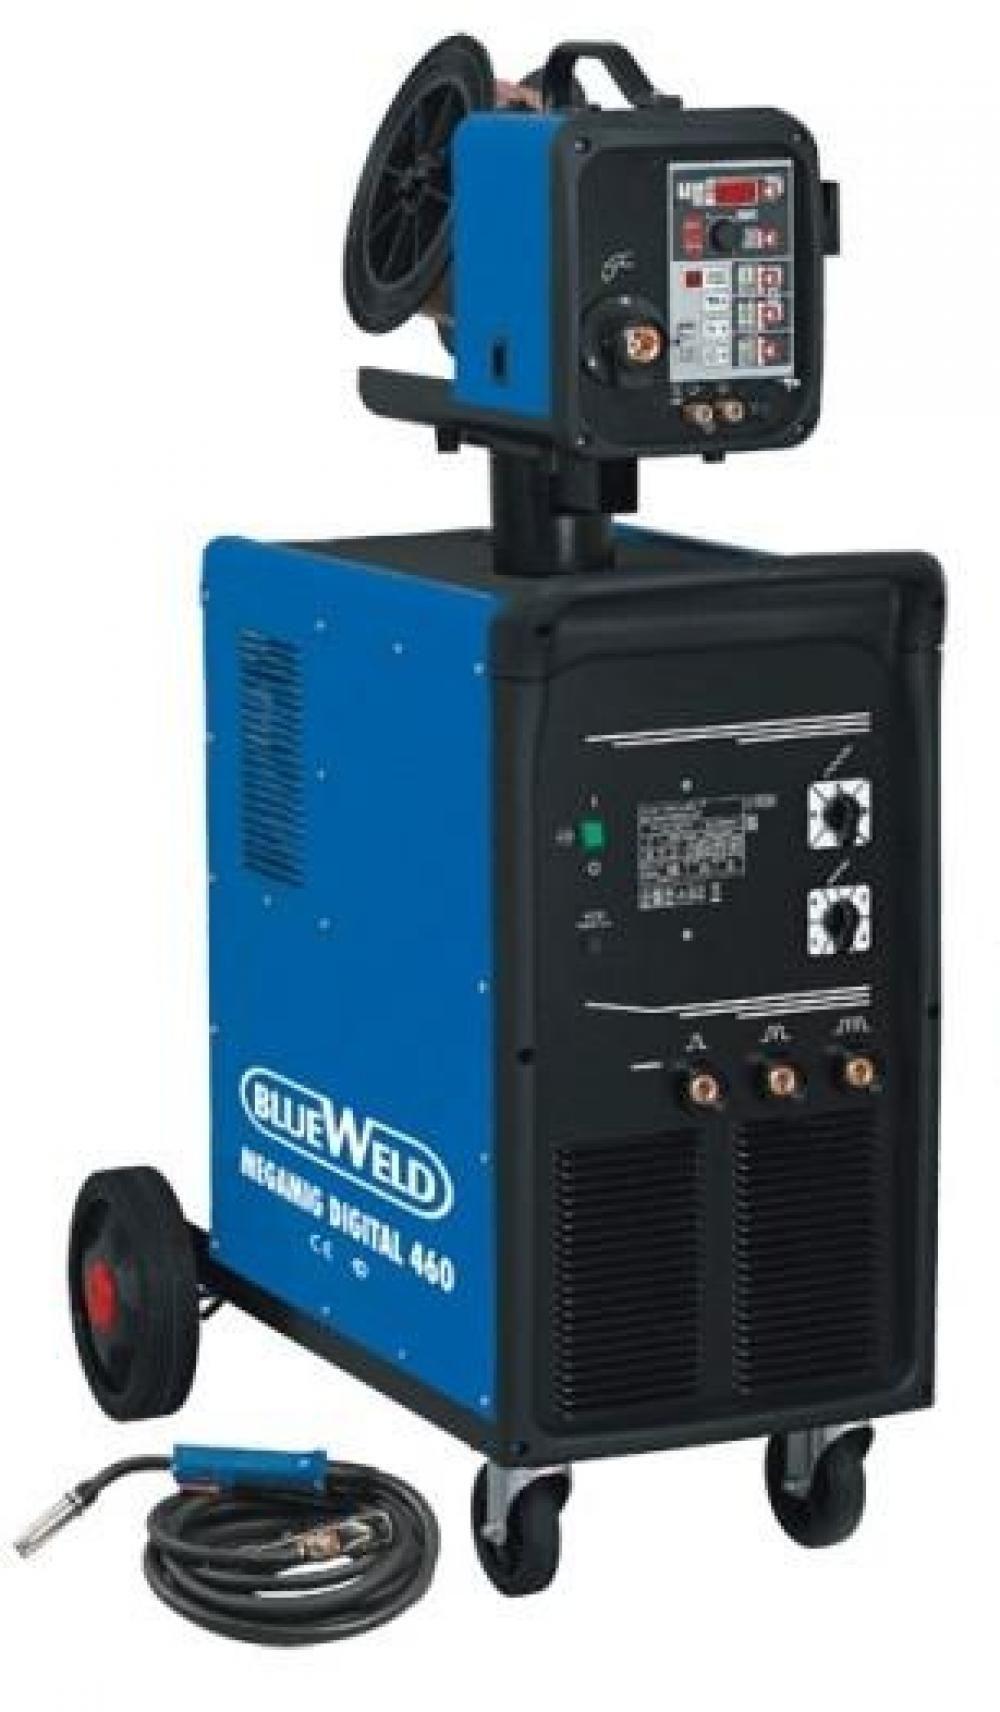 Blueweld Megamig Digital 460 с цифровым блоком подачи проволоки